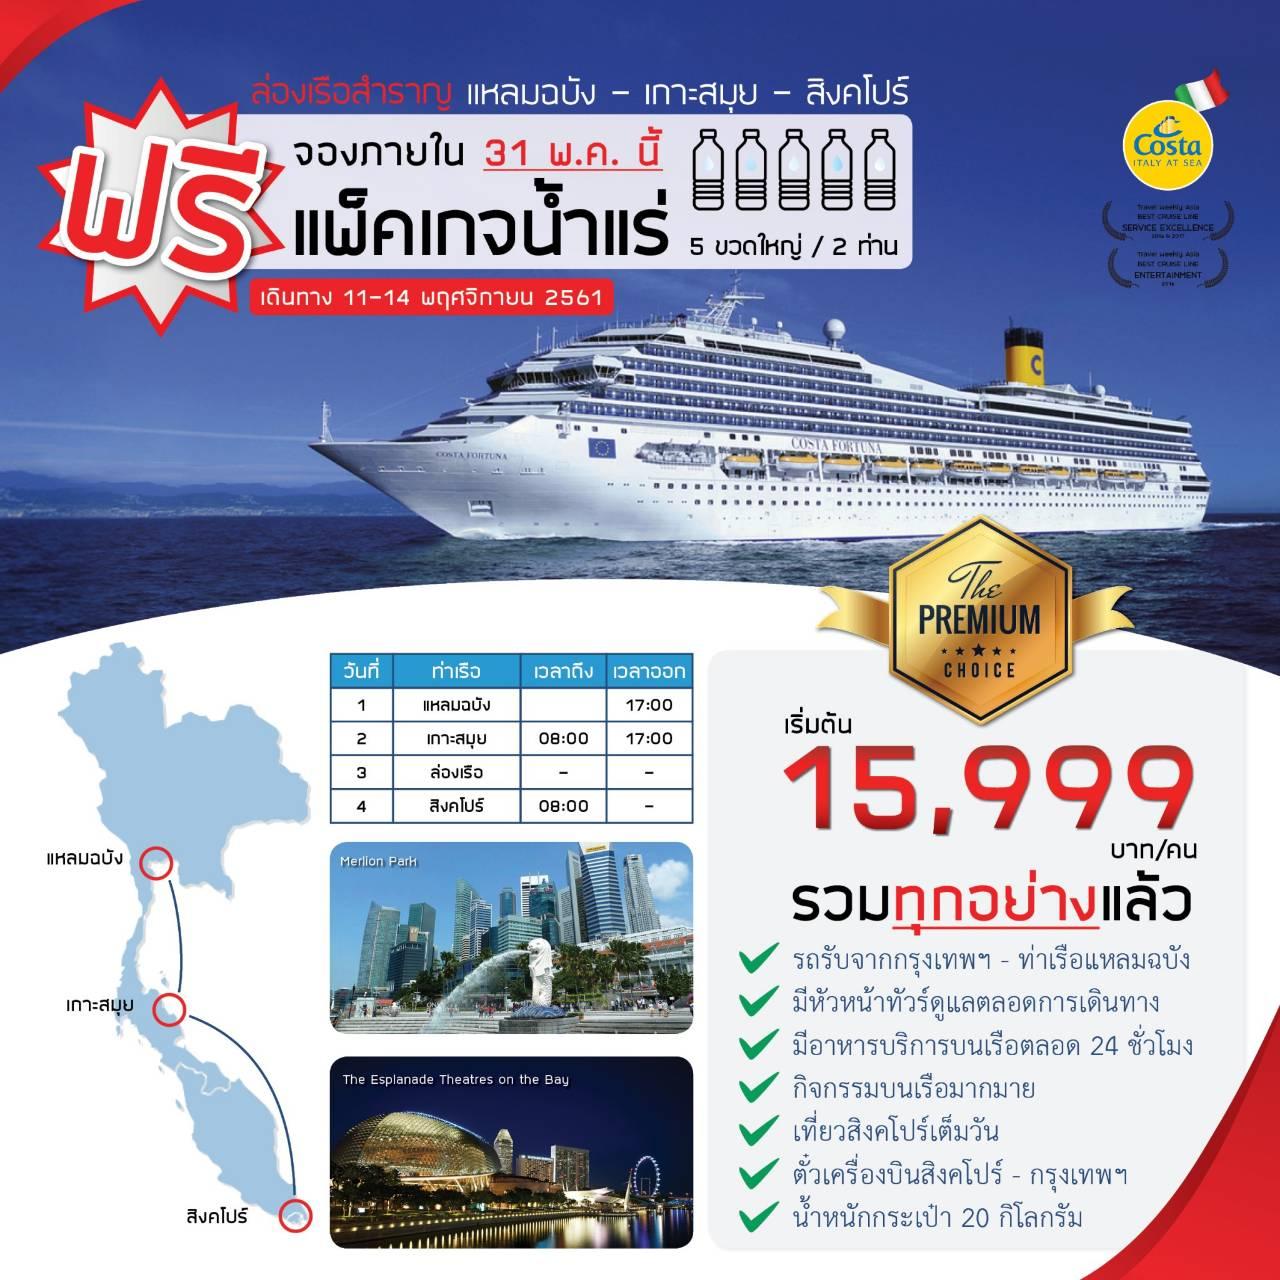 JH FOJH1111 ทัวร์ สัมผัสประสบการณ์การเดินทางสุดหรู ครั้งหนึ่งในชีวิตกับ การล่องเรือสำราญระดับโลก COSTA FORTUNA แหลมฉบัง เกาะสมุย สิงคโปร์ 4 วัน 3 คืน